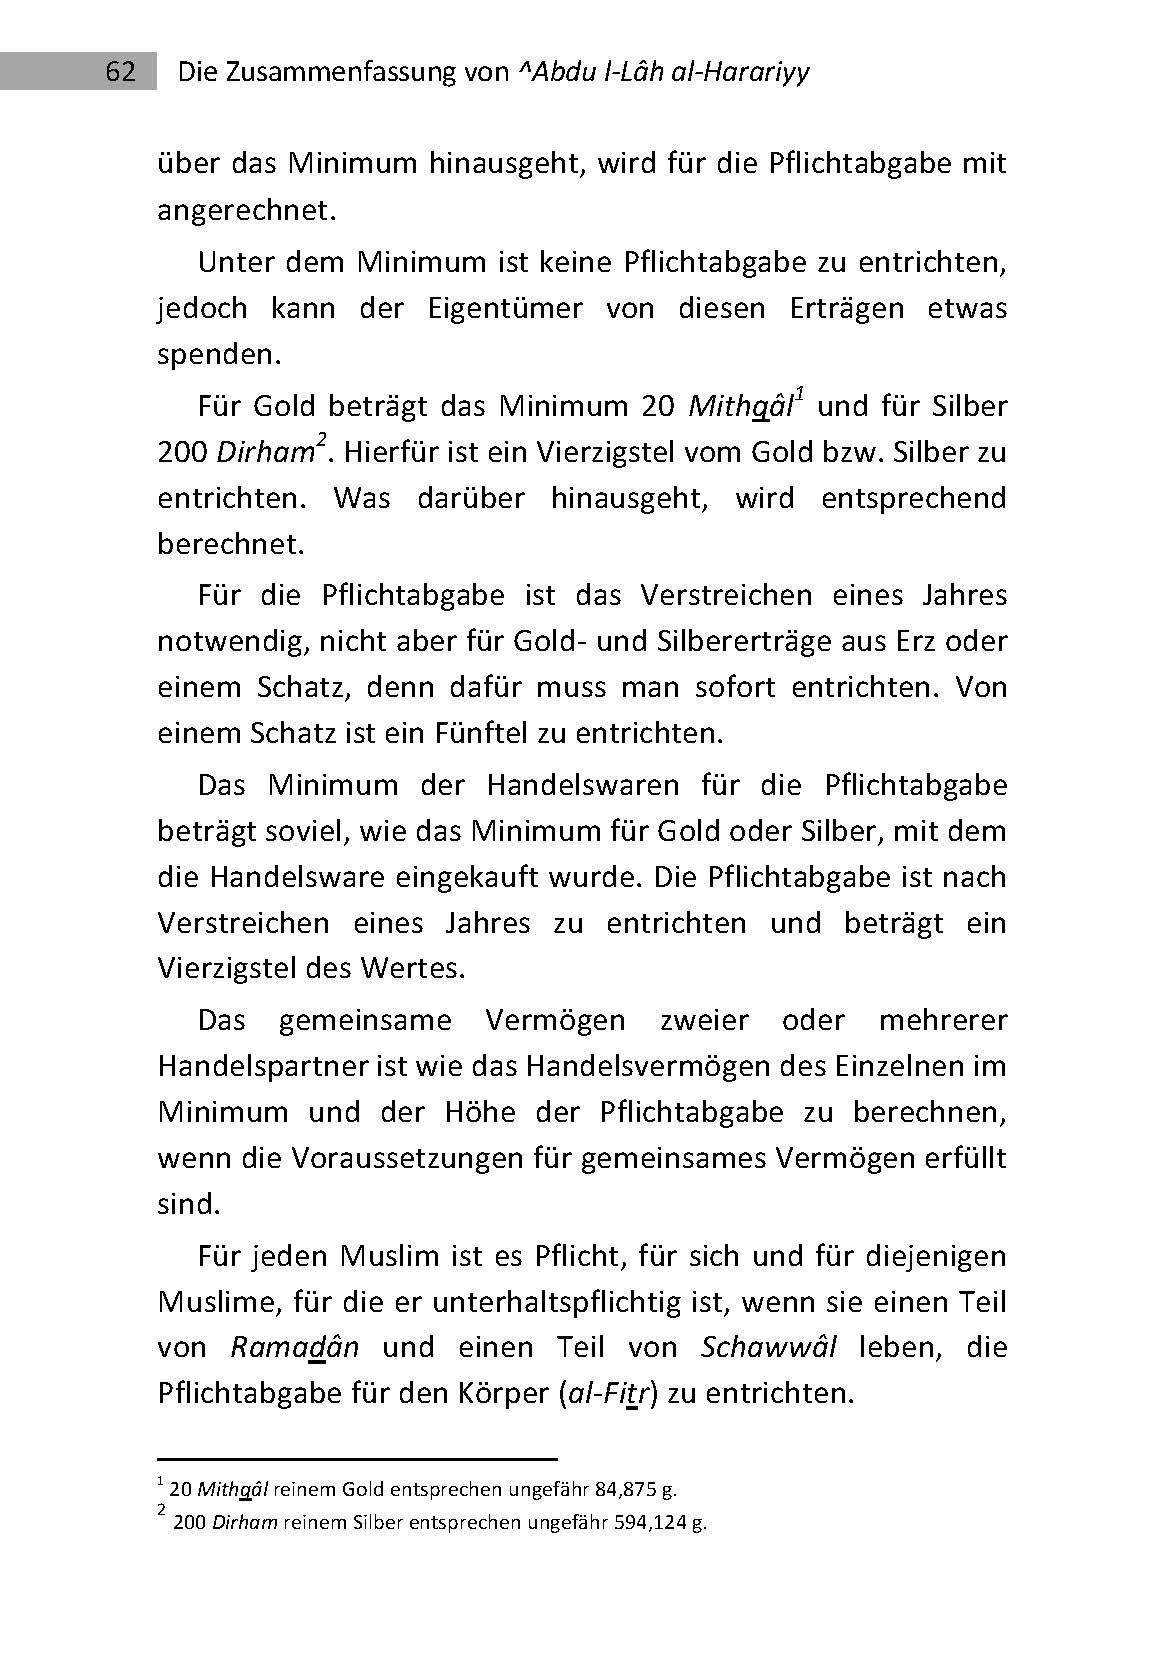 Die Zusammenfassung - 3. Auflage 2014_Seite_62